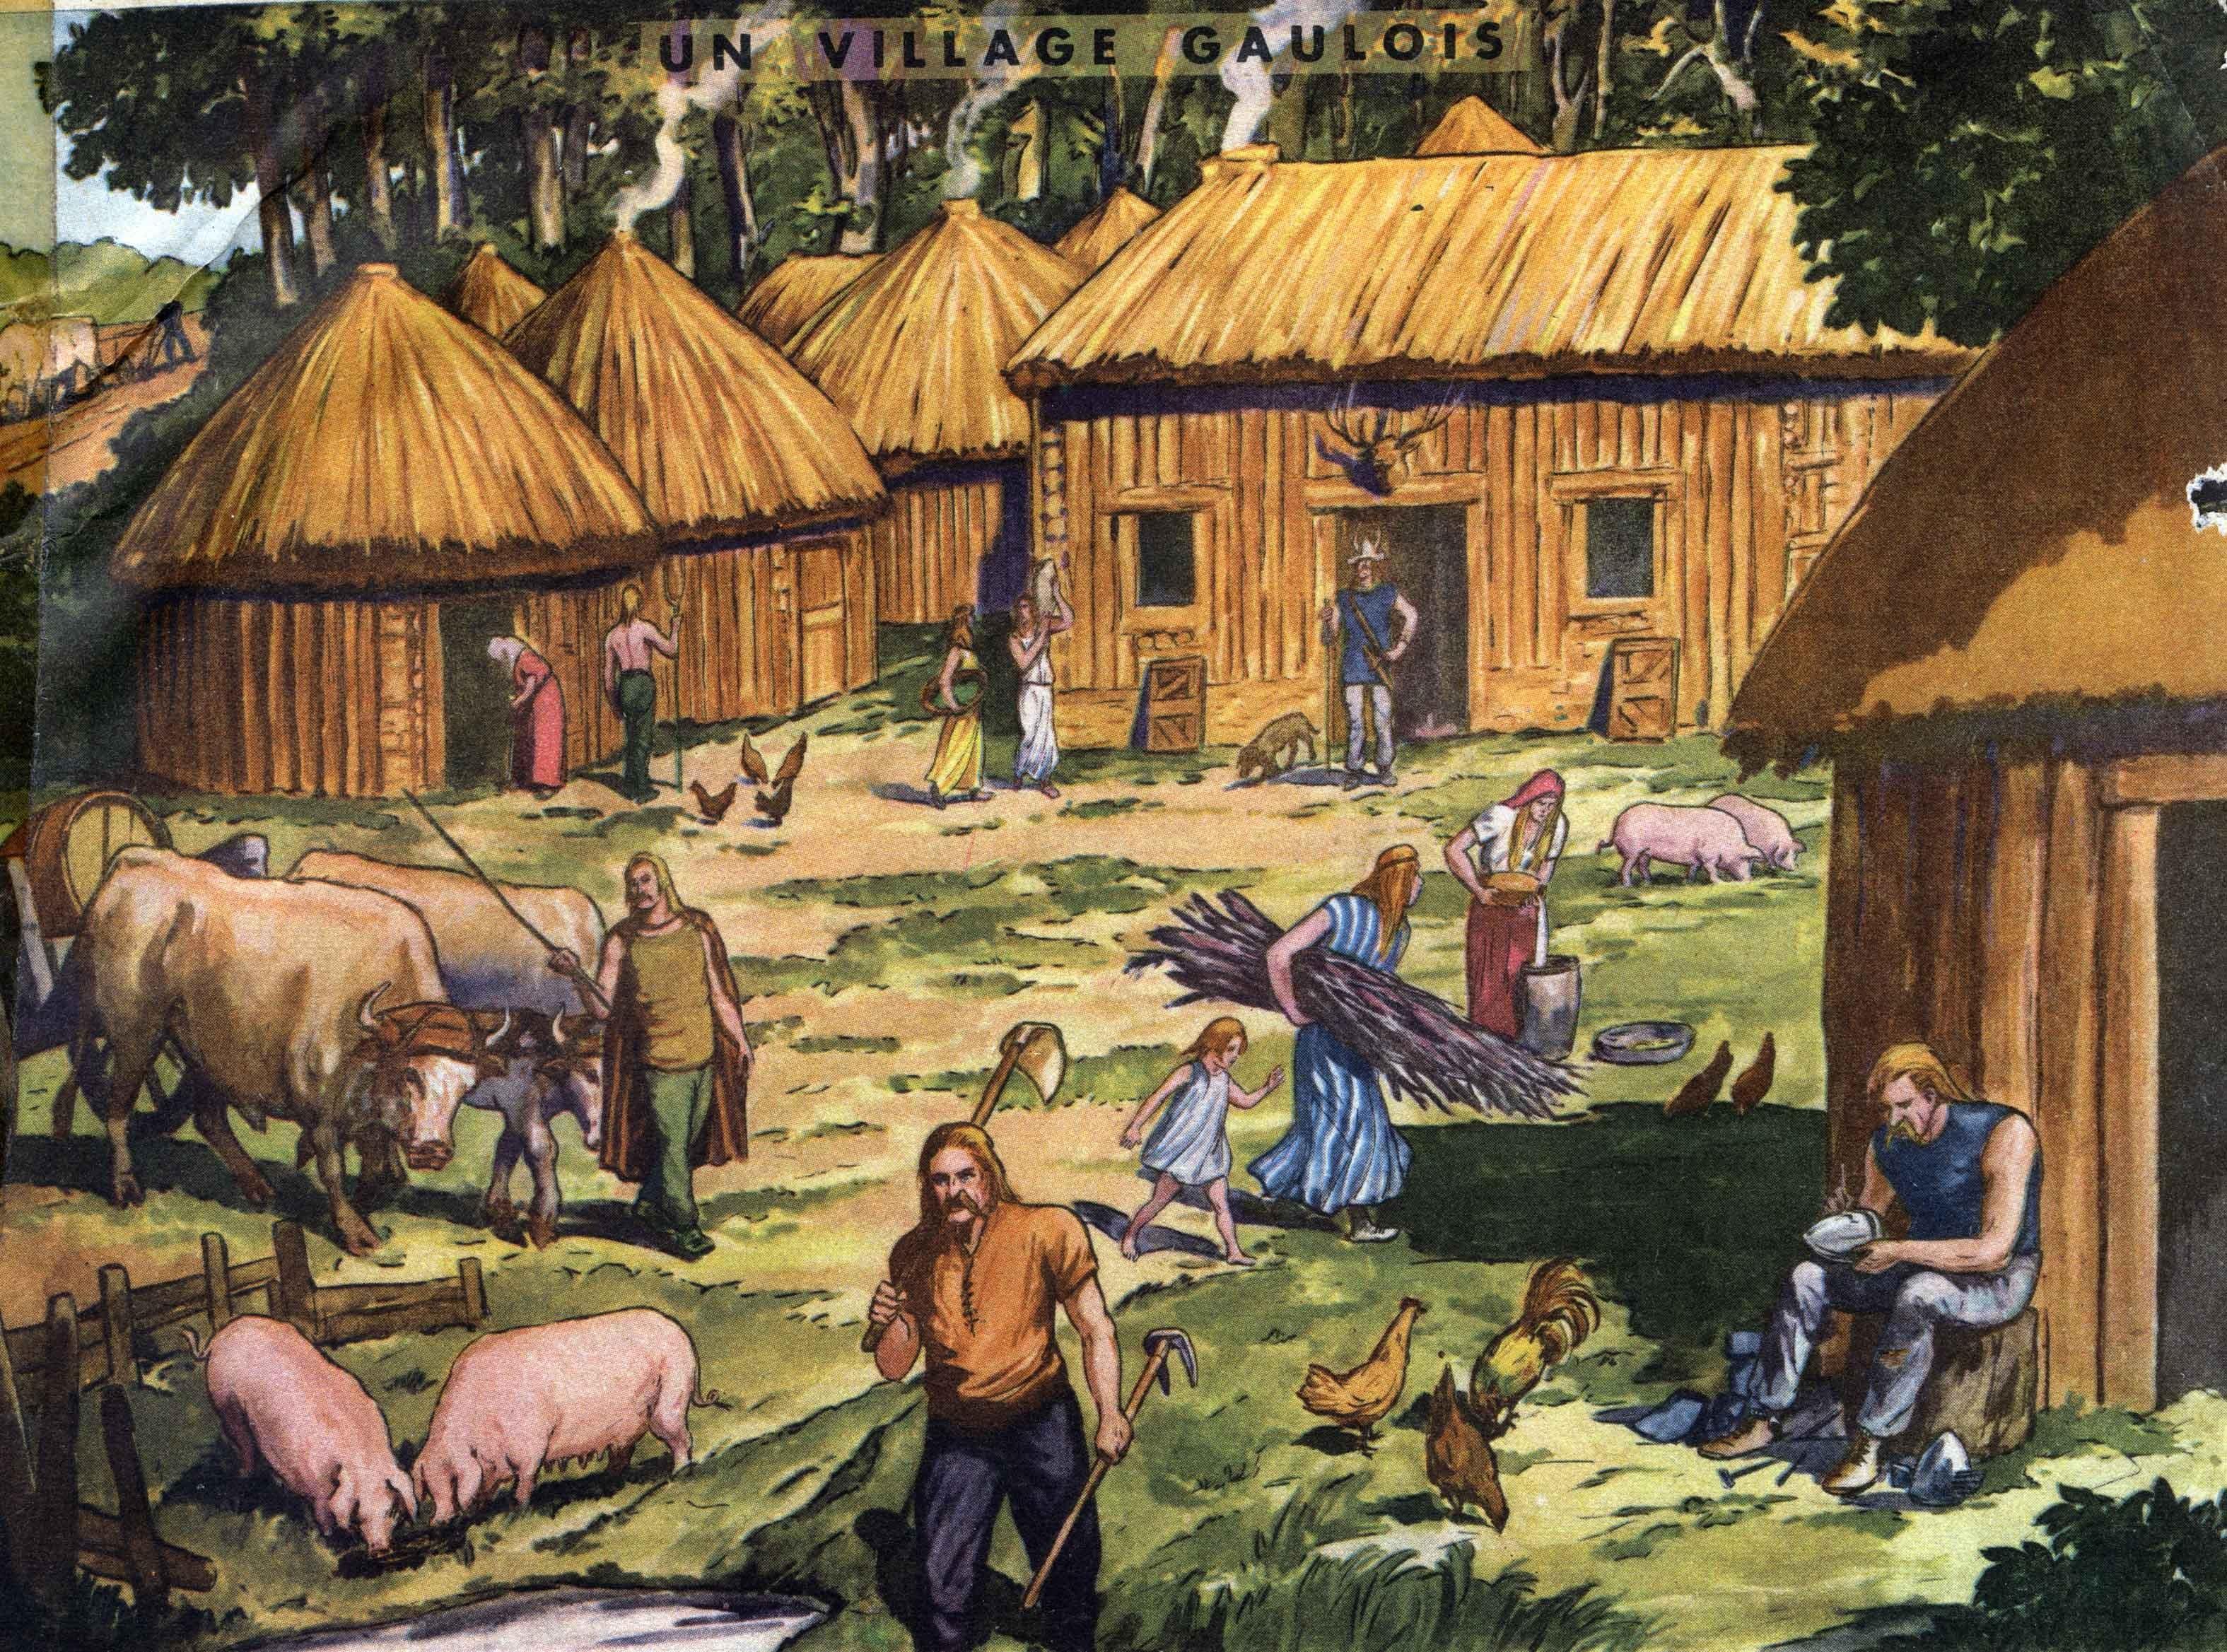 1 village gaulois